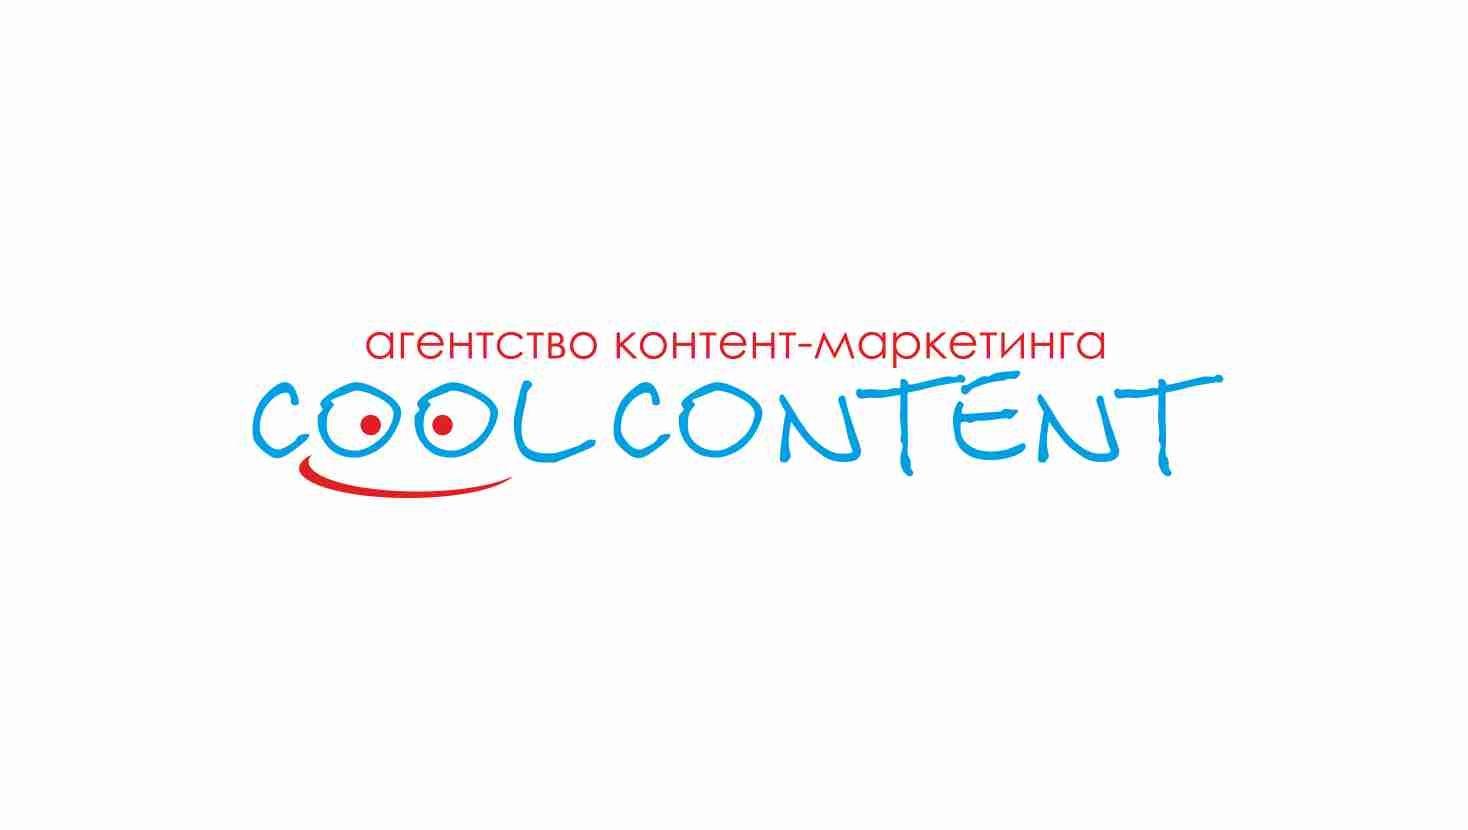 Лого для агентства Cool Content - дизайнер norma-art